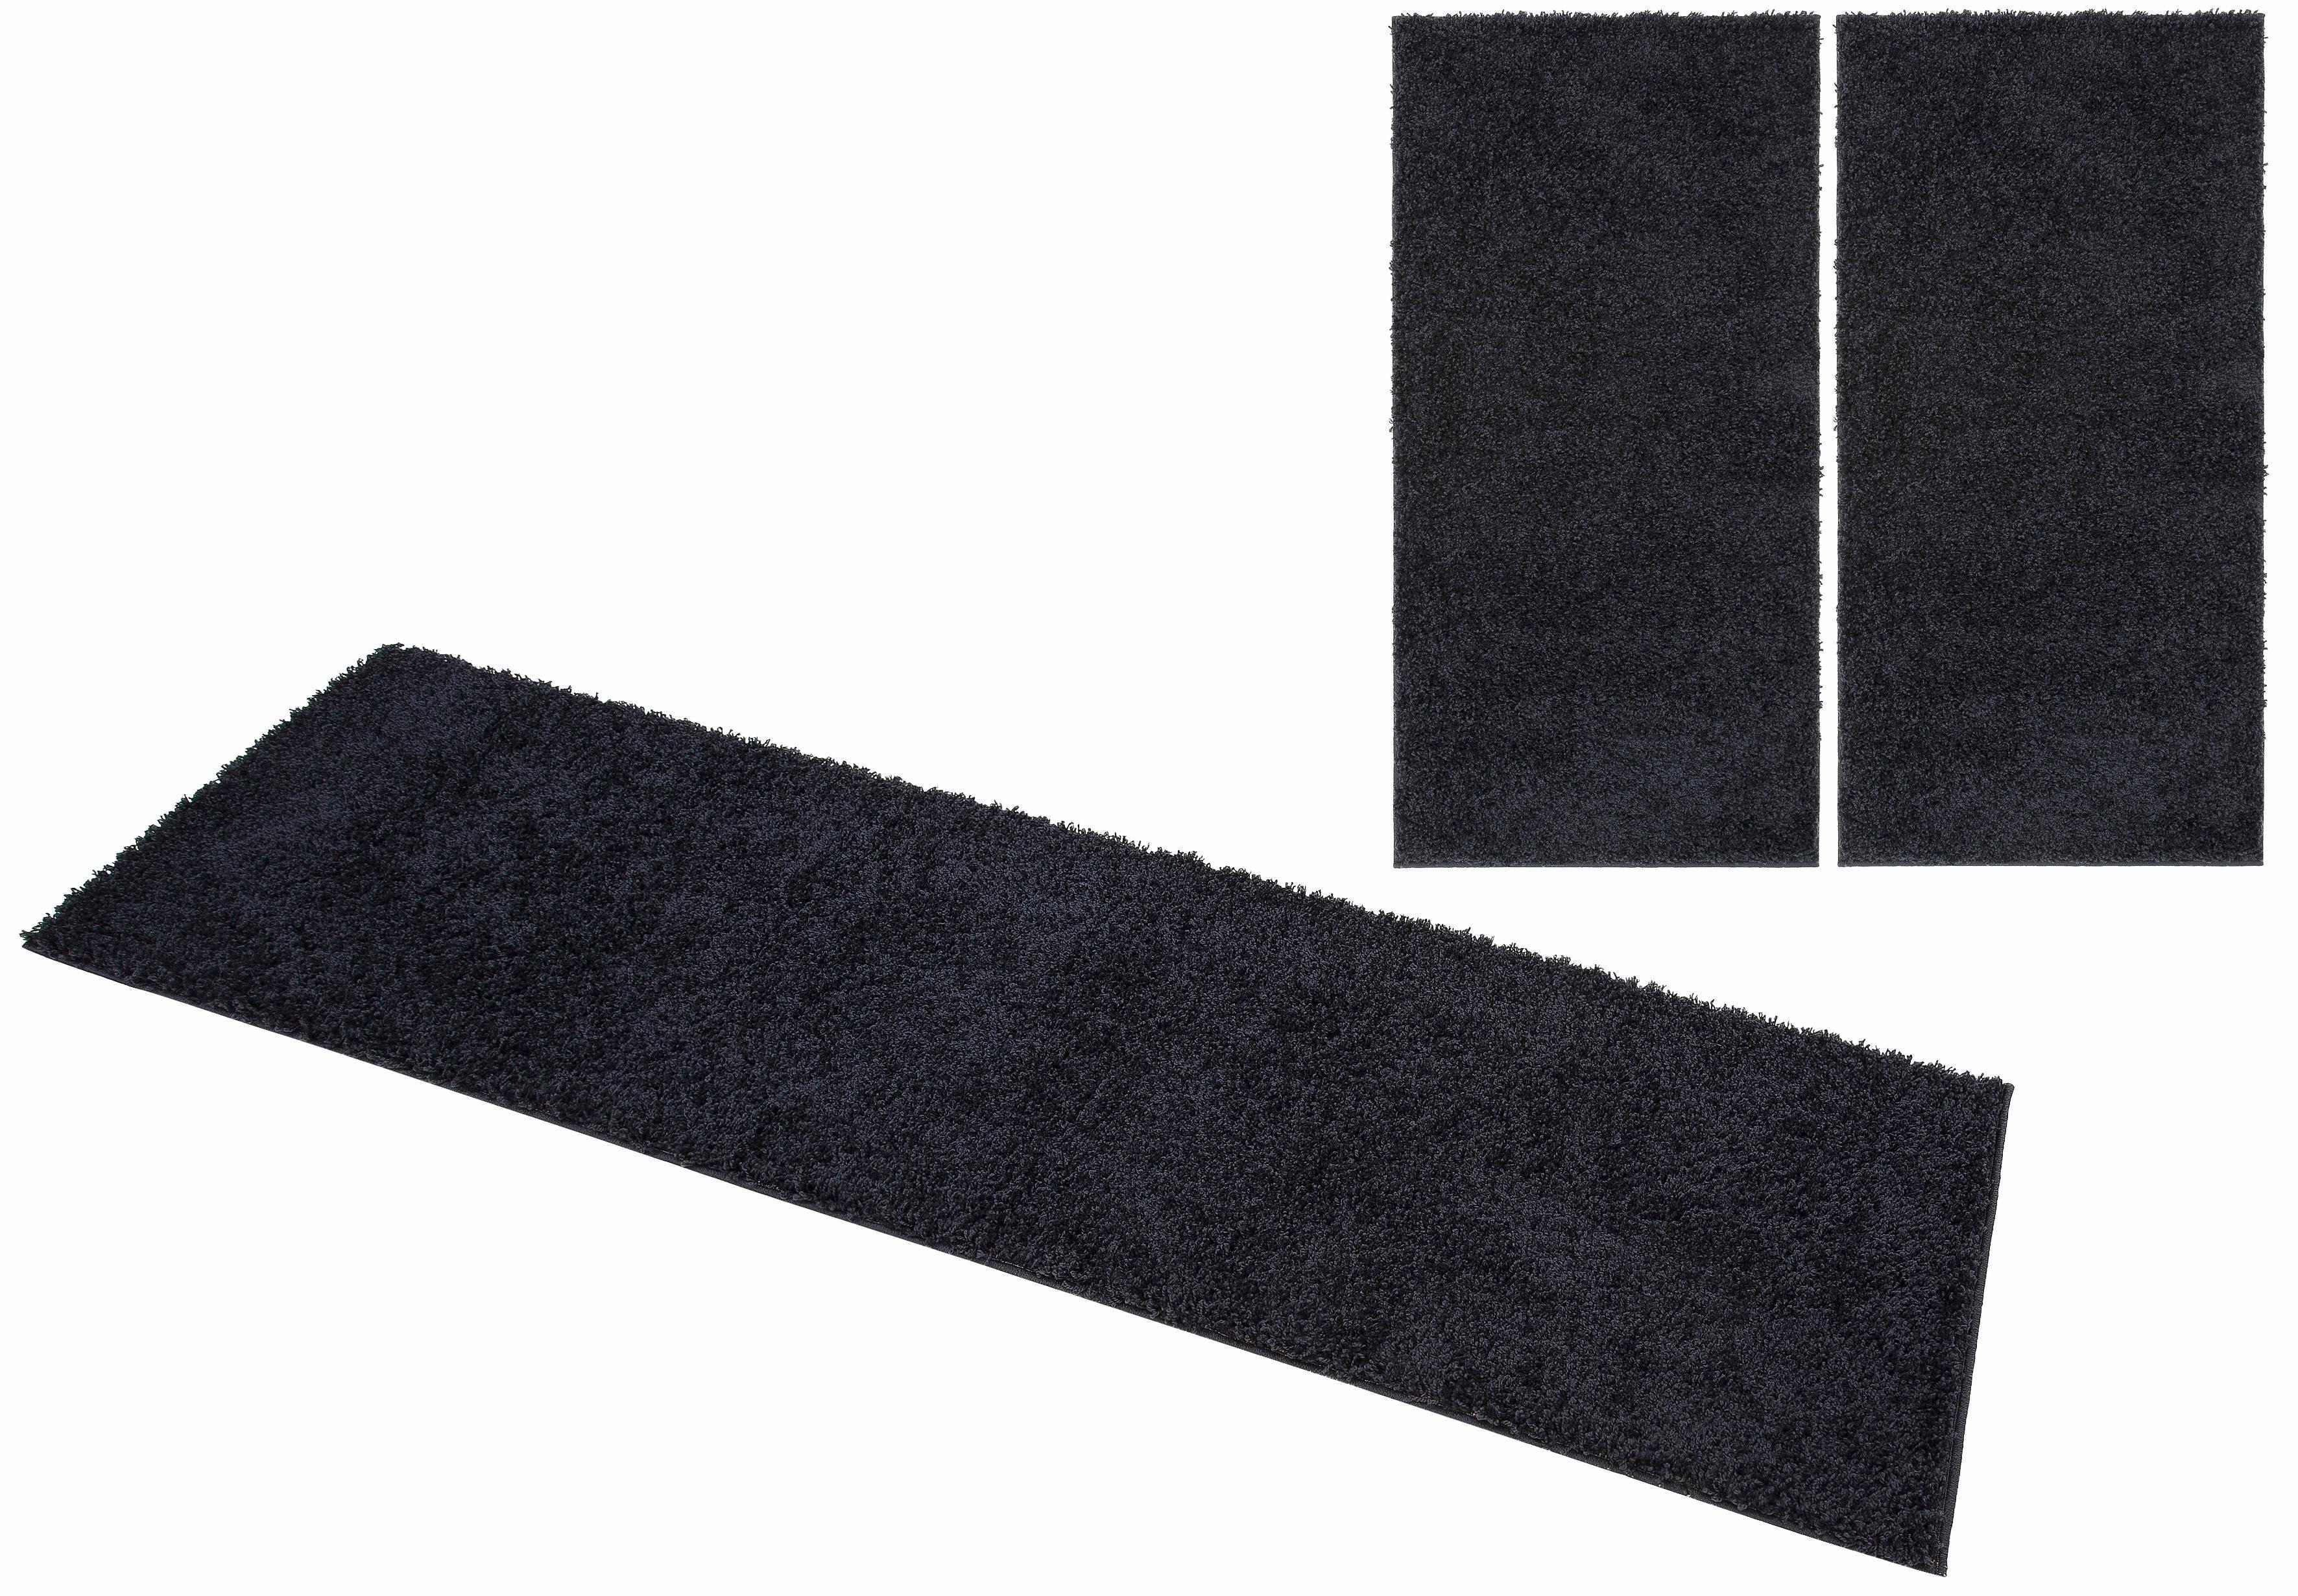 Home Affaire Slaapkamerset,COLLECTION, »Shaggy 30«, hoogte 30 mm, geweven (3-dlg.) bij OTTO online kopen